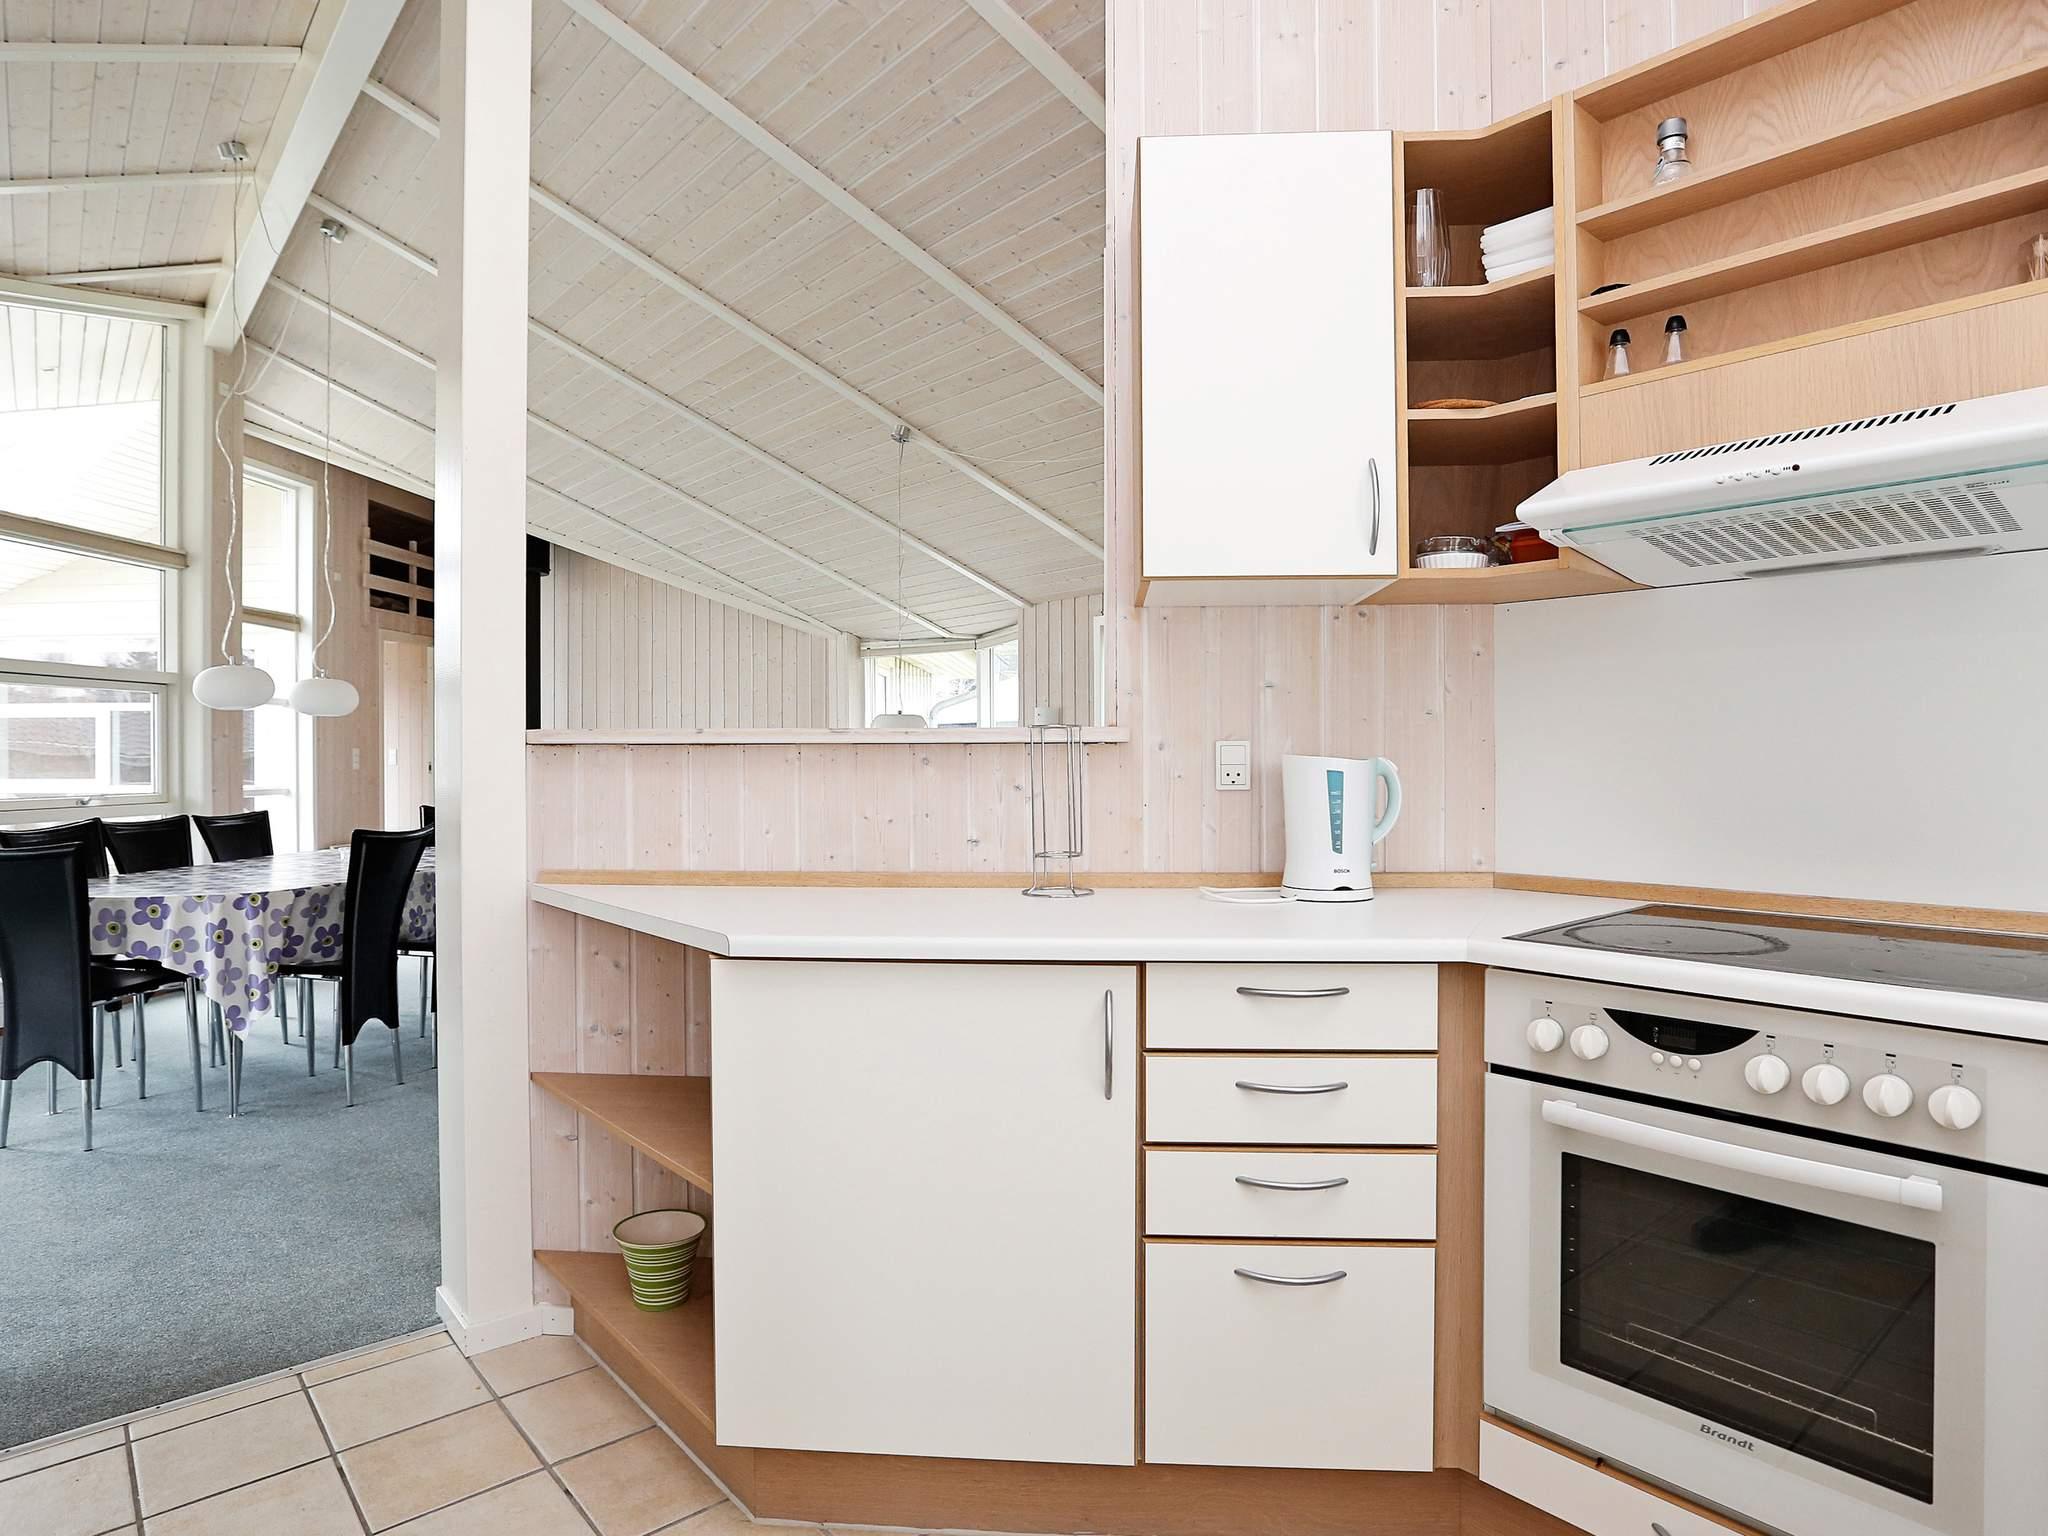 Ferienhaus Udsholt Strand (135446), Gilleleje, , Nordseeland, Dänemark, Bild 6